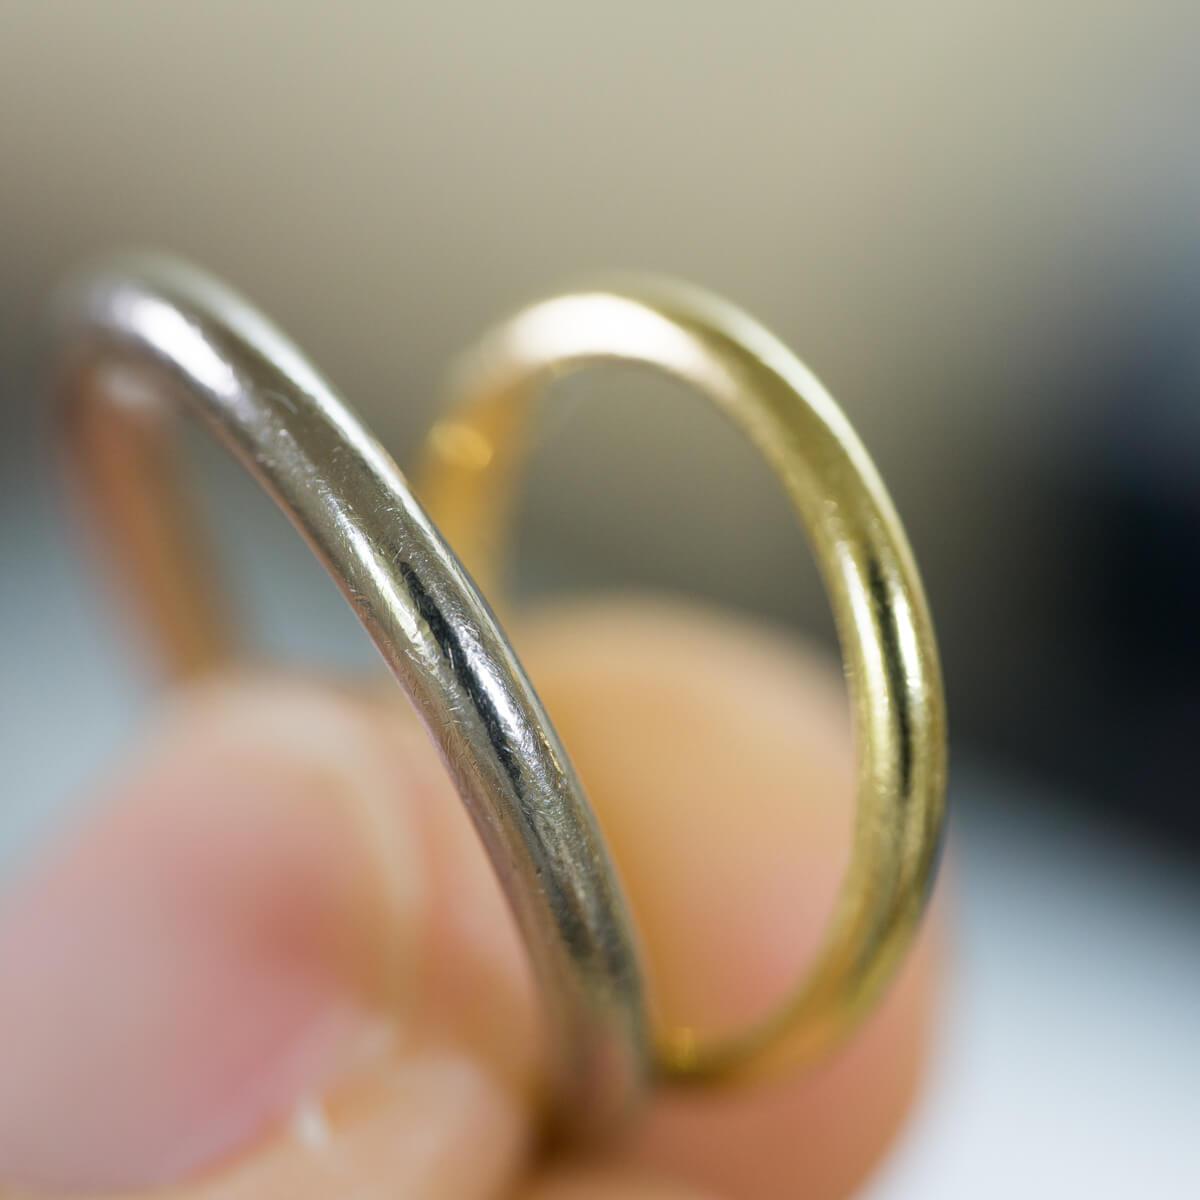 手に持って オーダーメイドマリッジリング ジュエリーのアトリエ ゴールド 屋久島でつくる結婚指輪